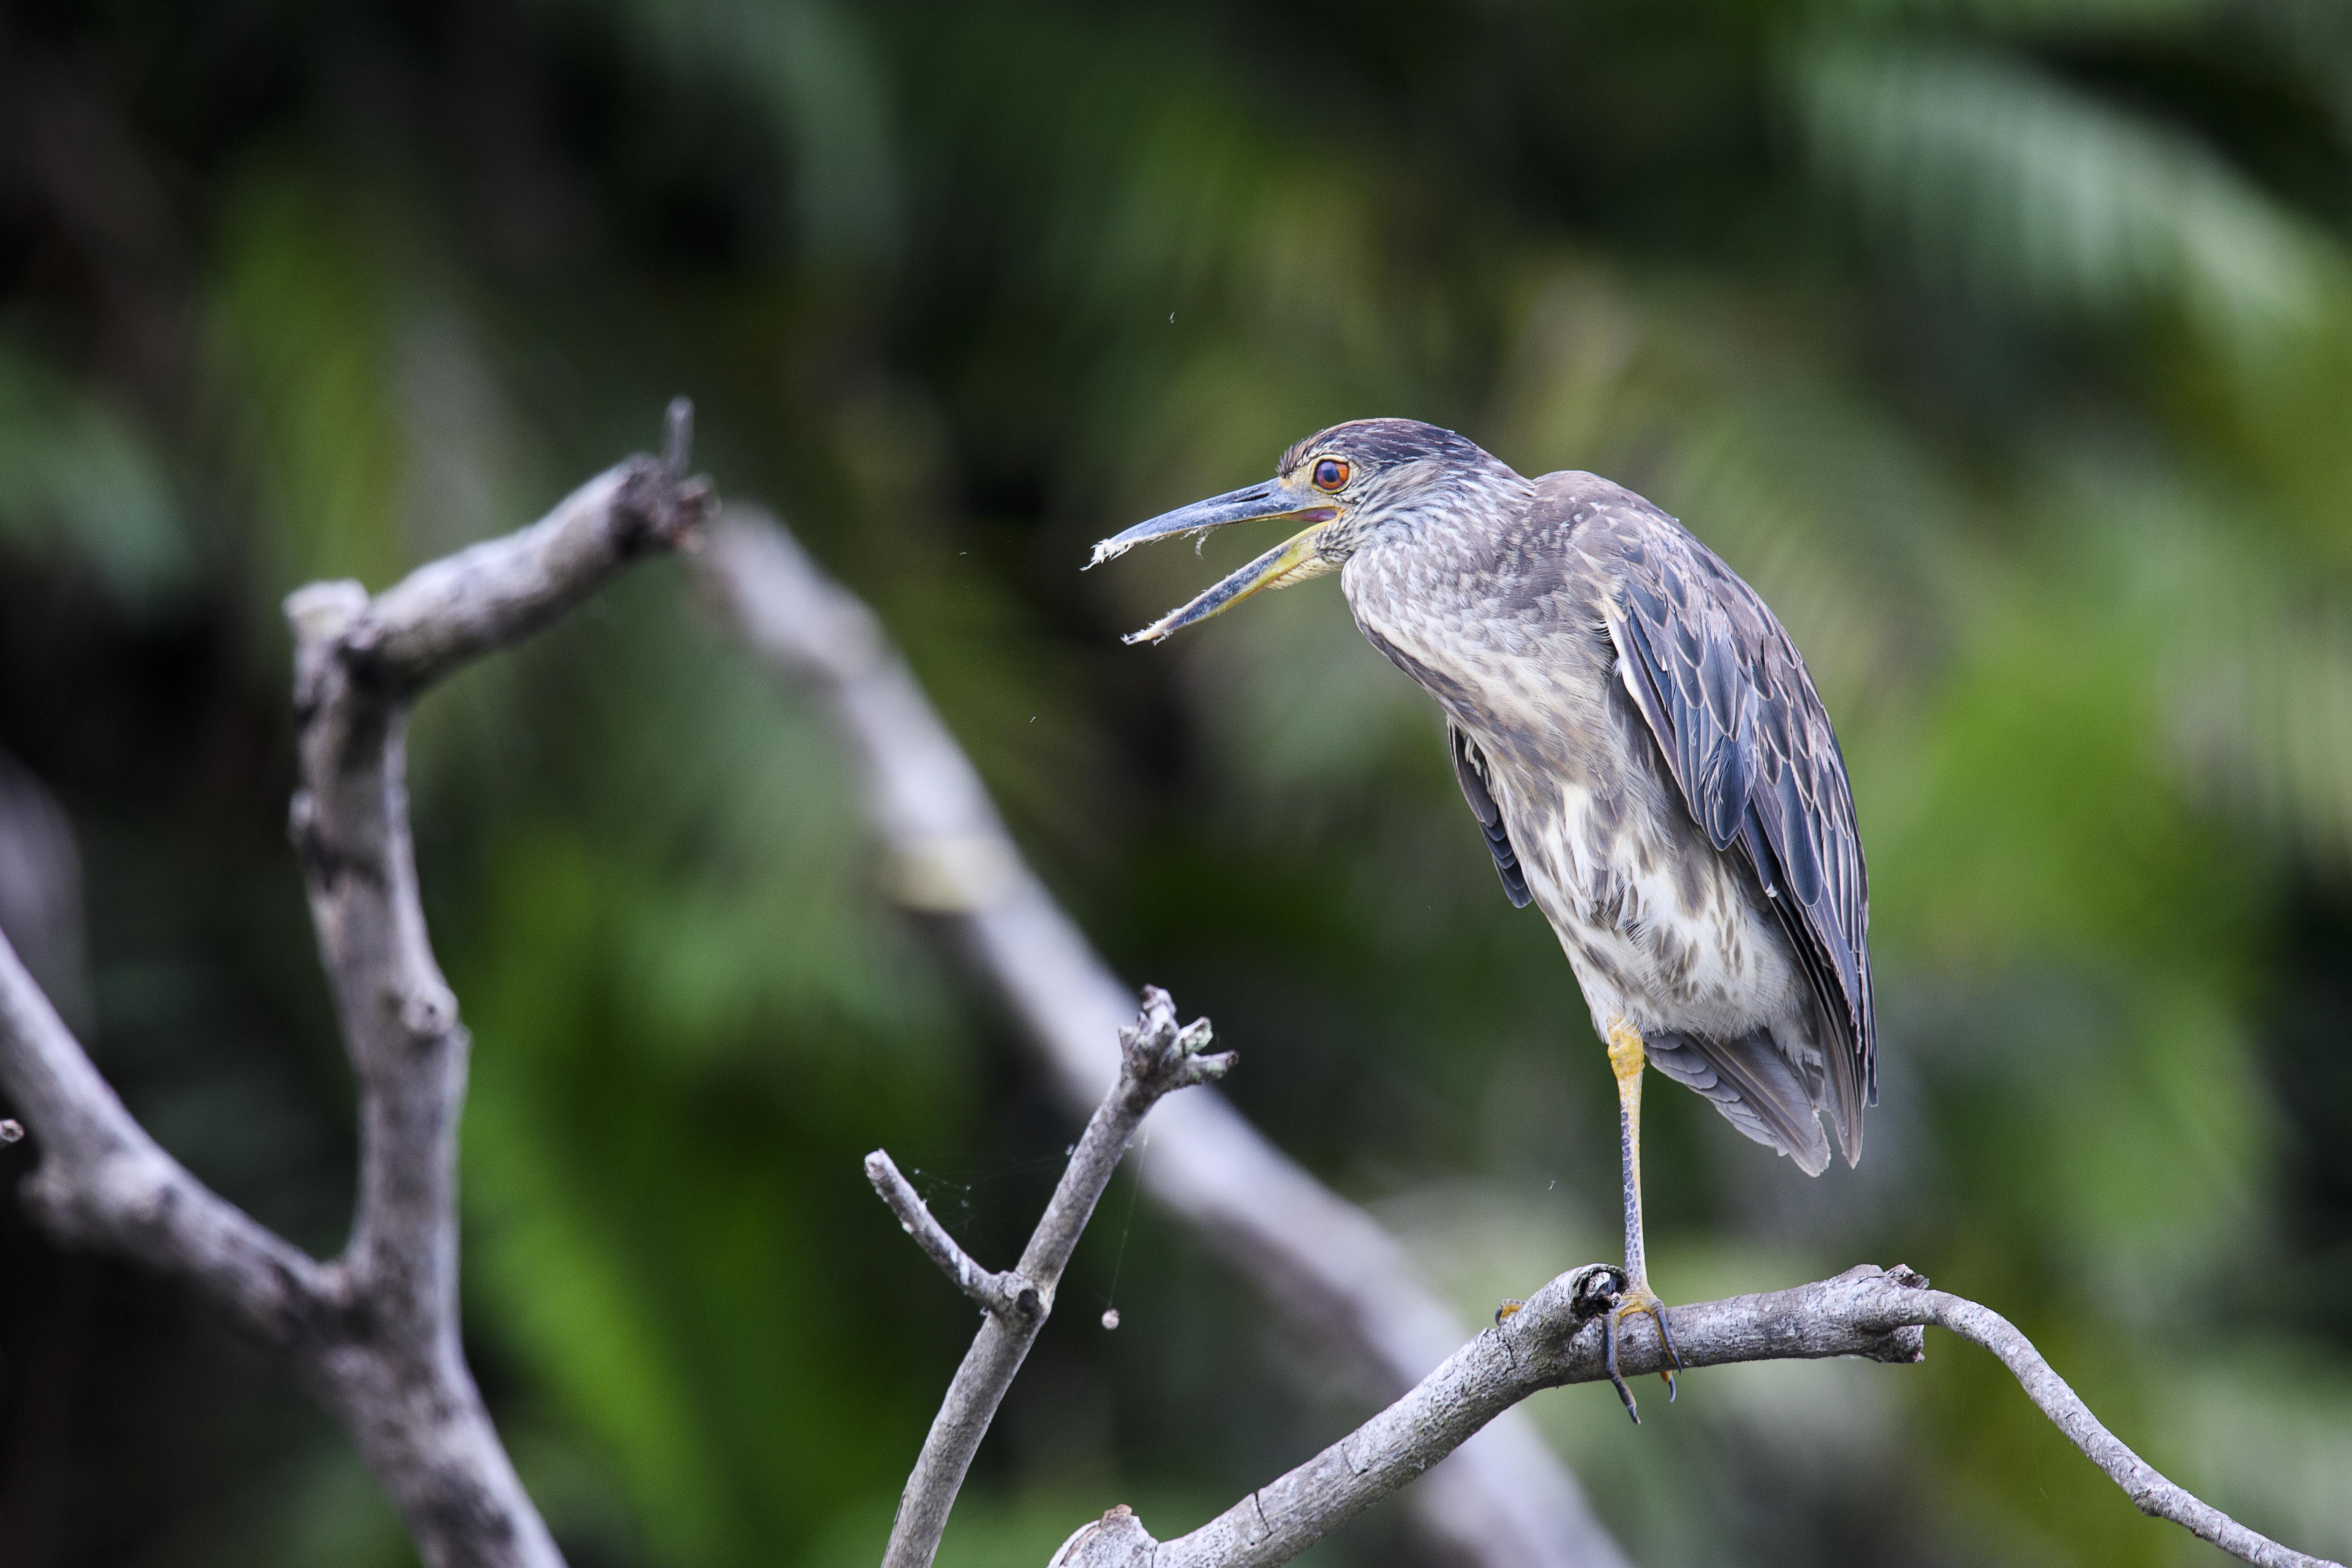 juv Yellow Crowned night heron beak open nictating membrane.jpg